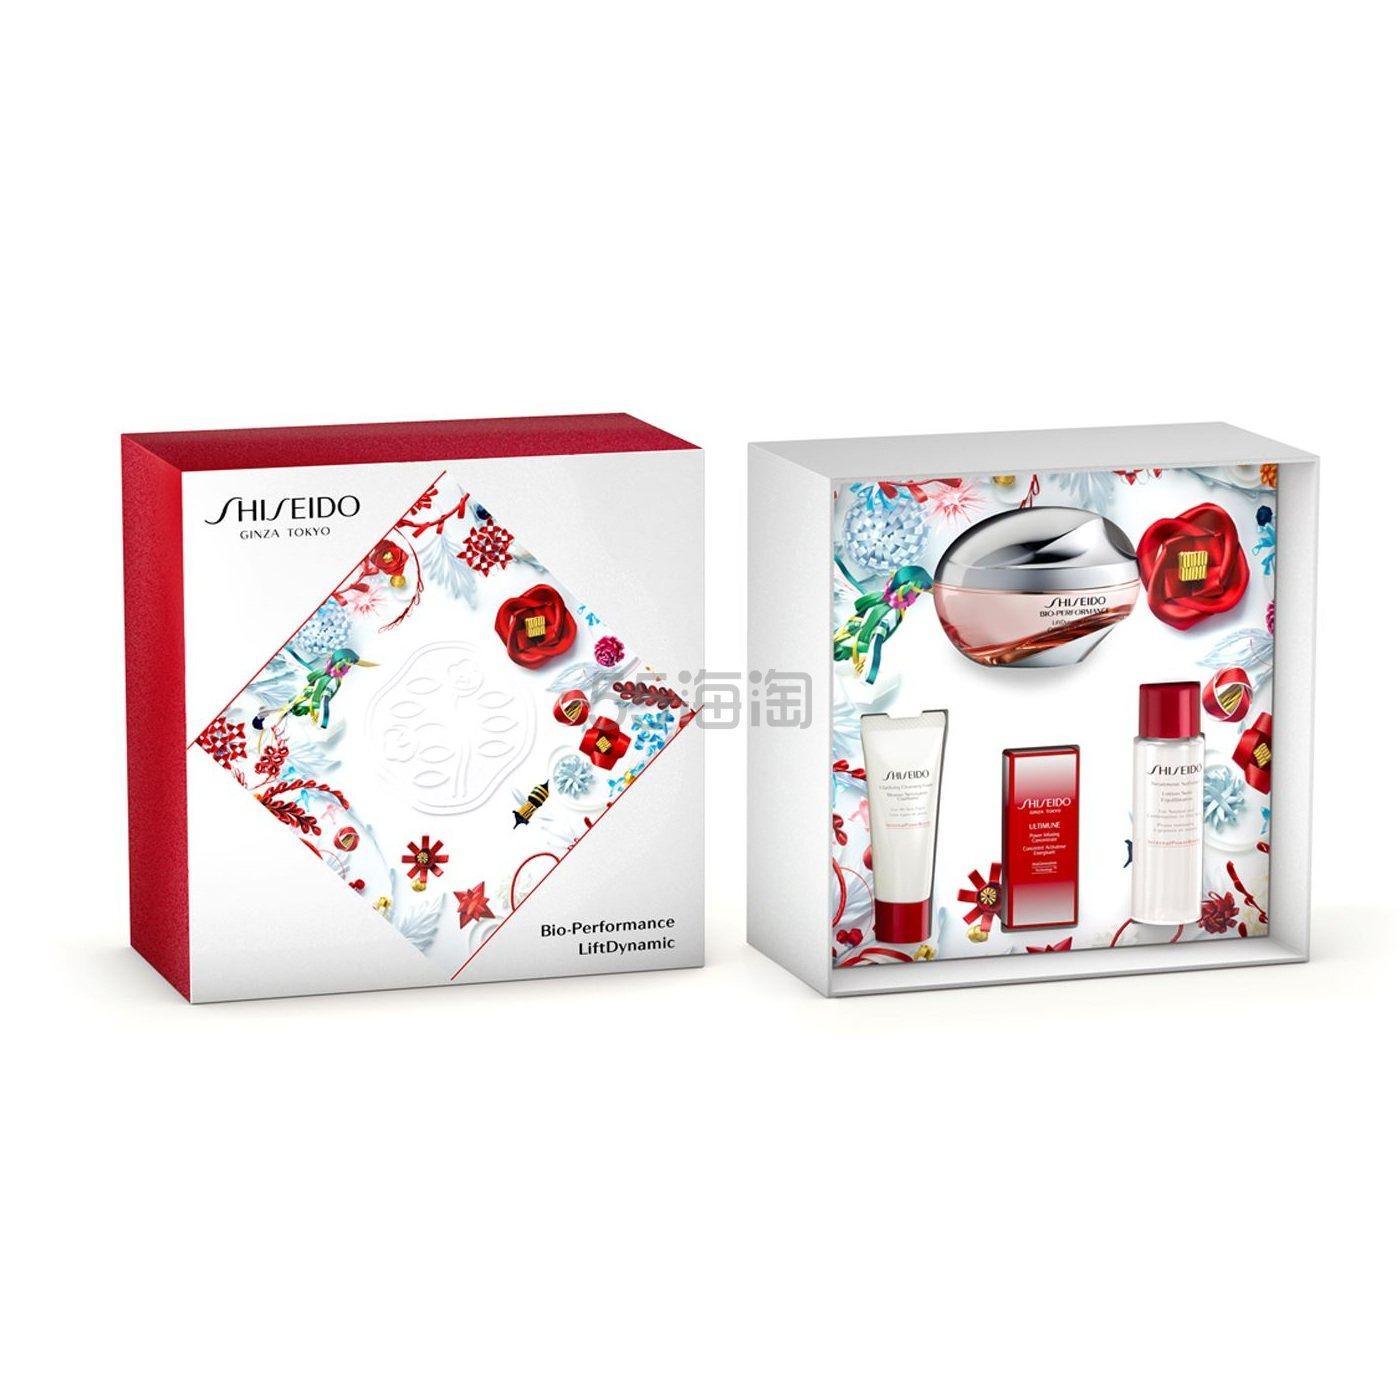 6折!Shiseido 资生堂 百优提拉紧致面霜套装 ¥438.6 - 海淘优惠海淘折扣|55海淘网